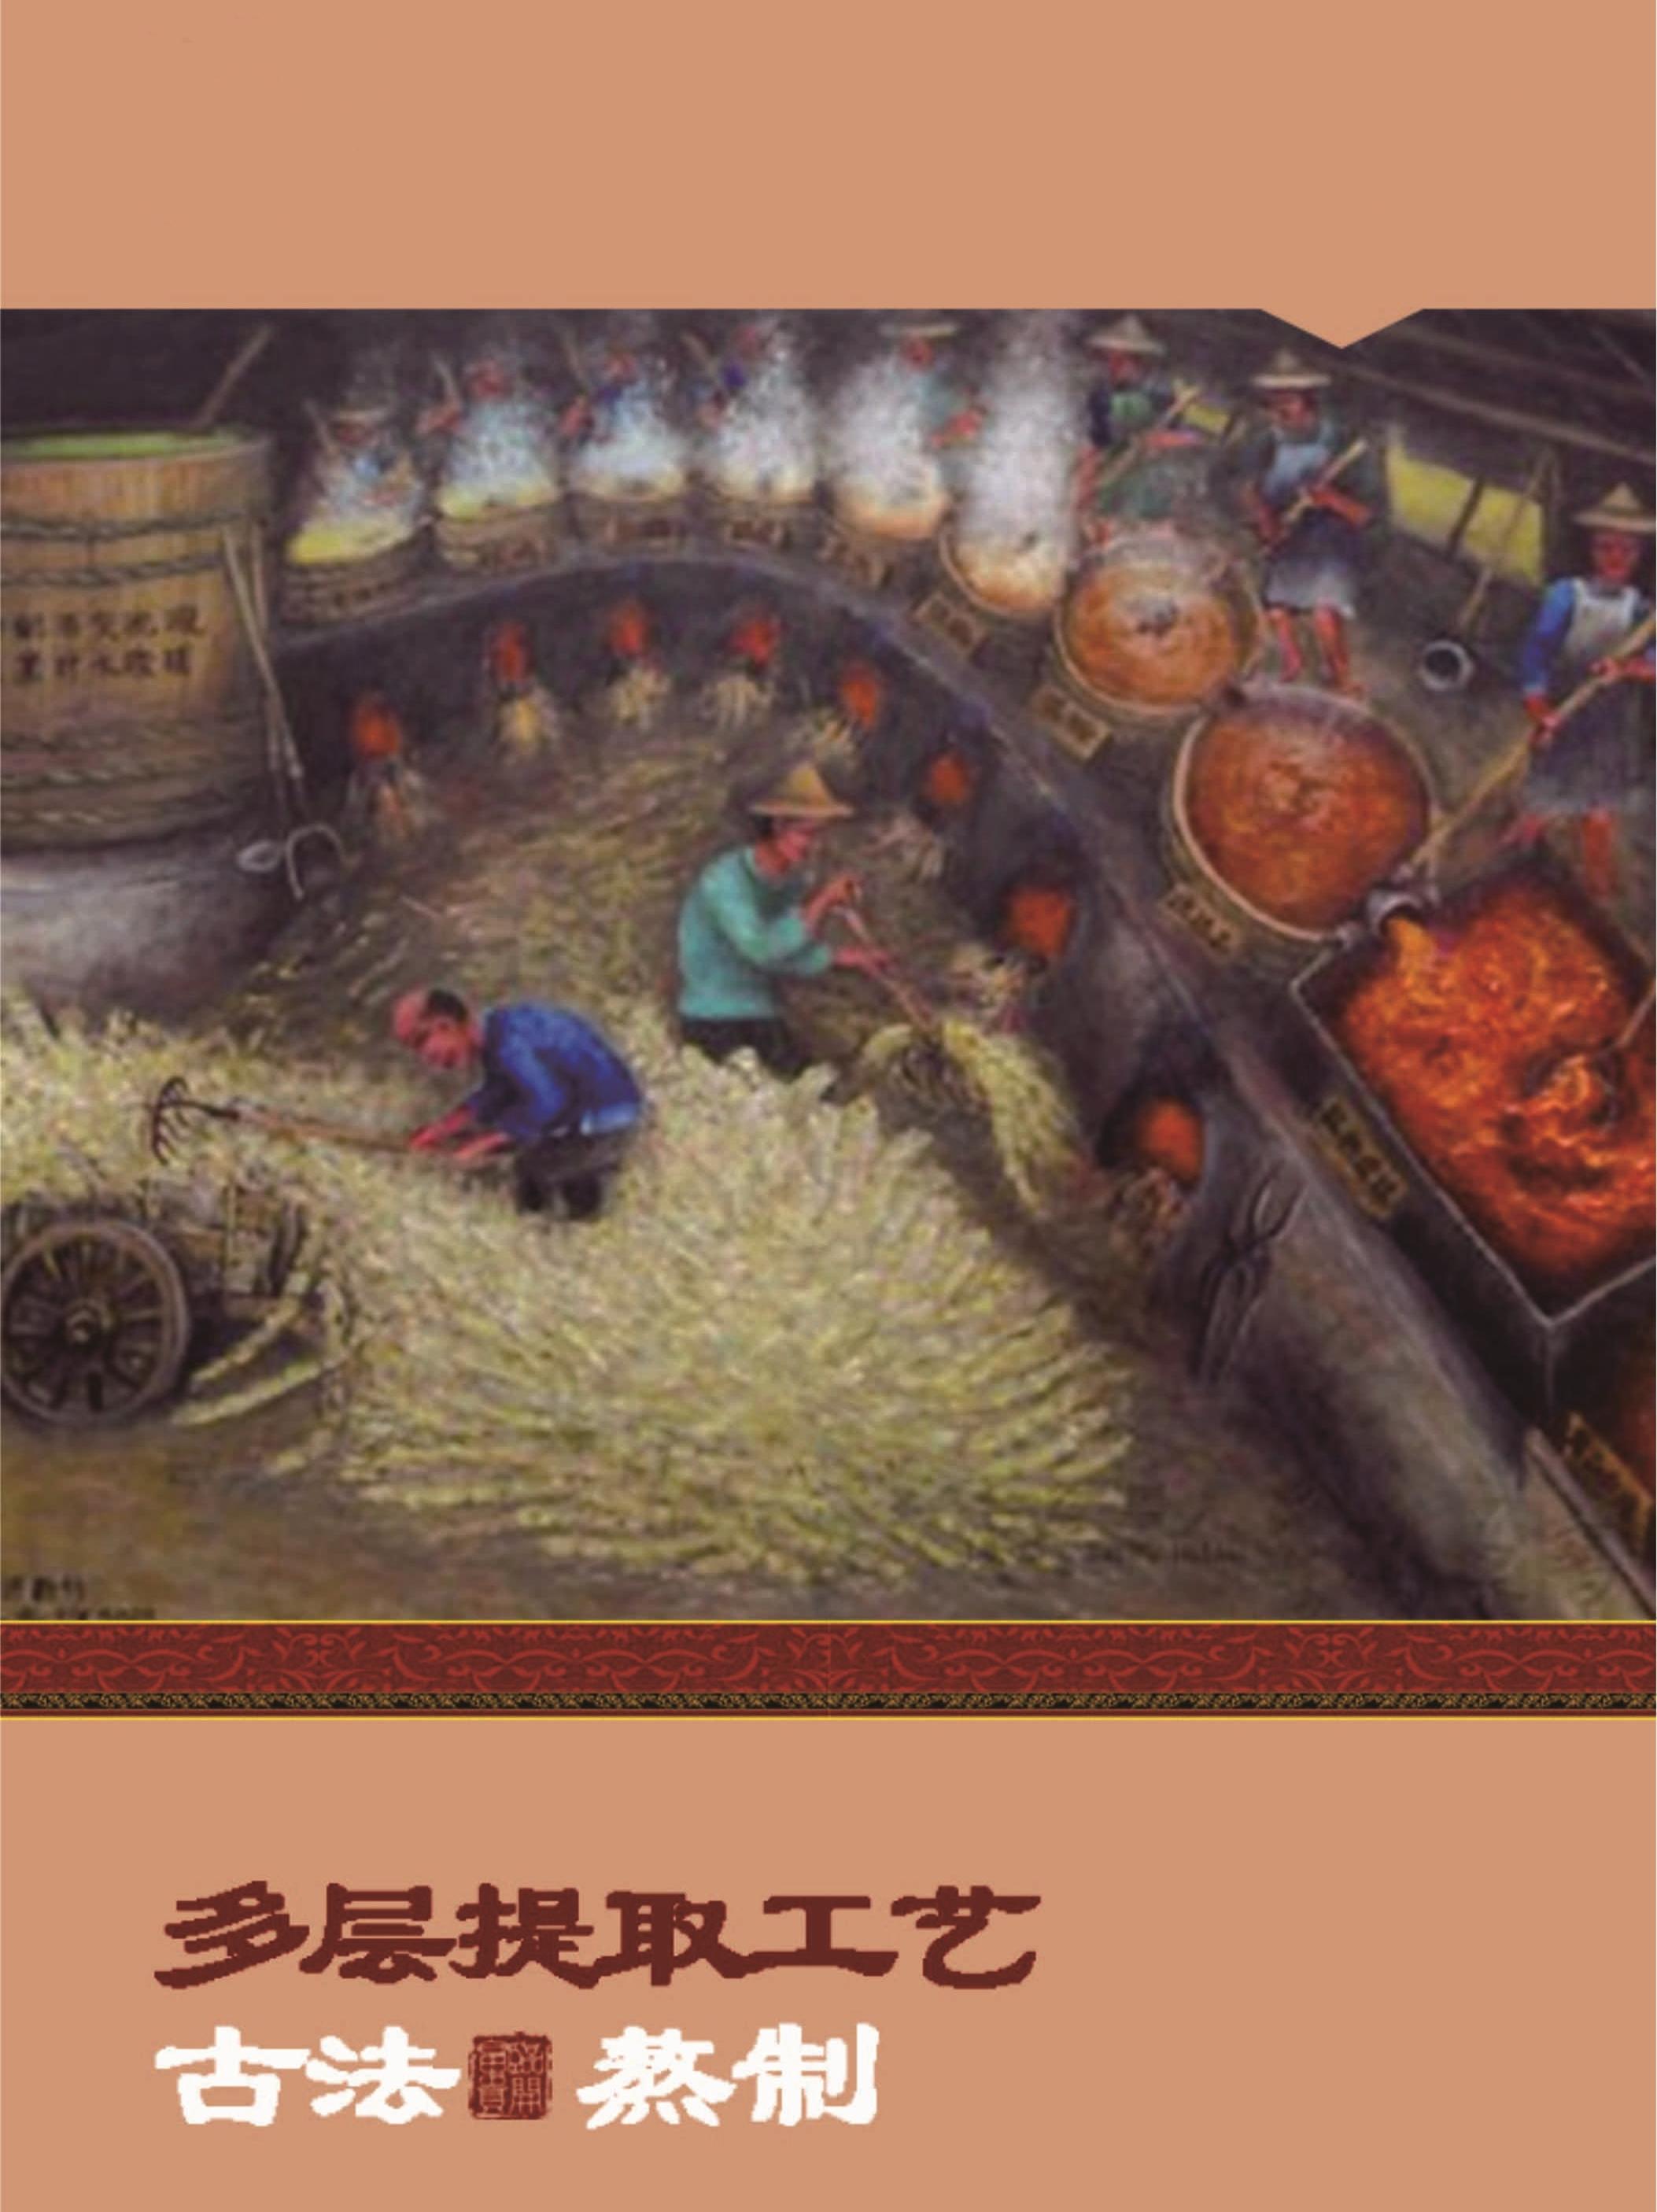 紅糖姜茶禮盒修改-12027556_05_副本